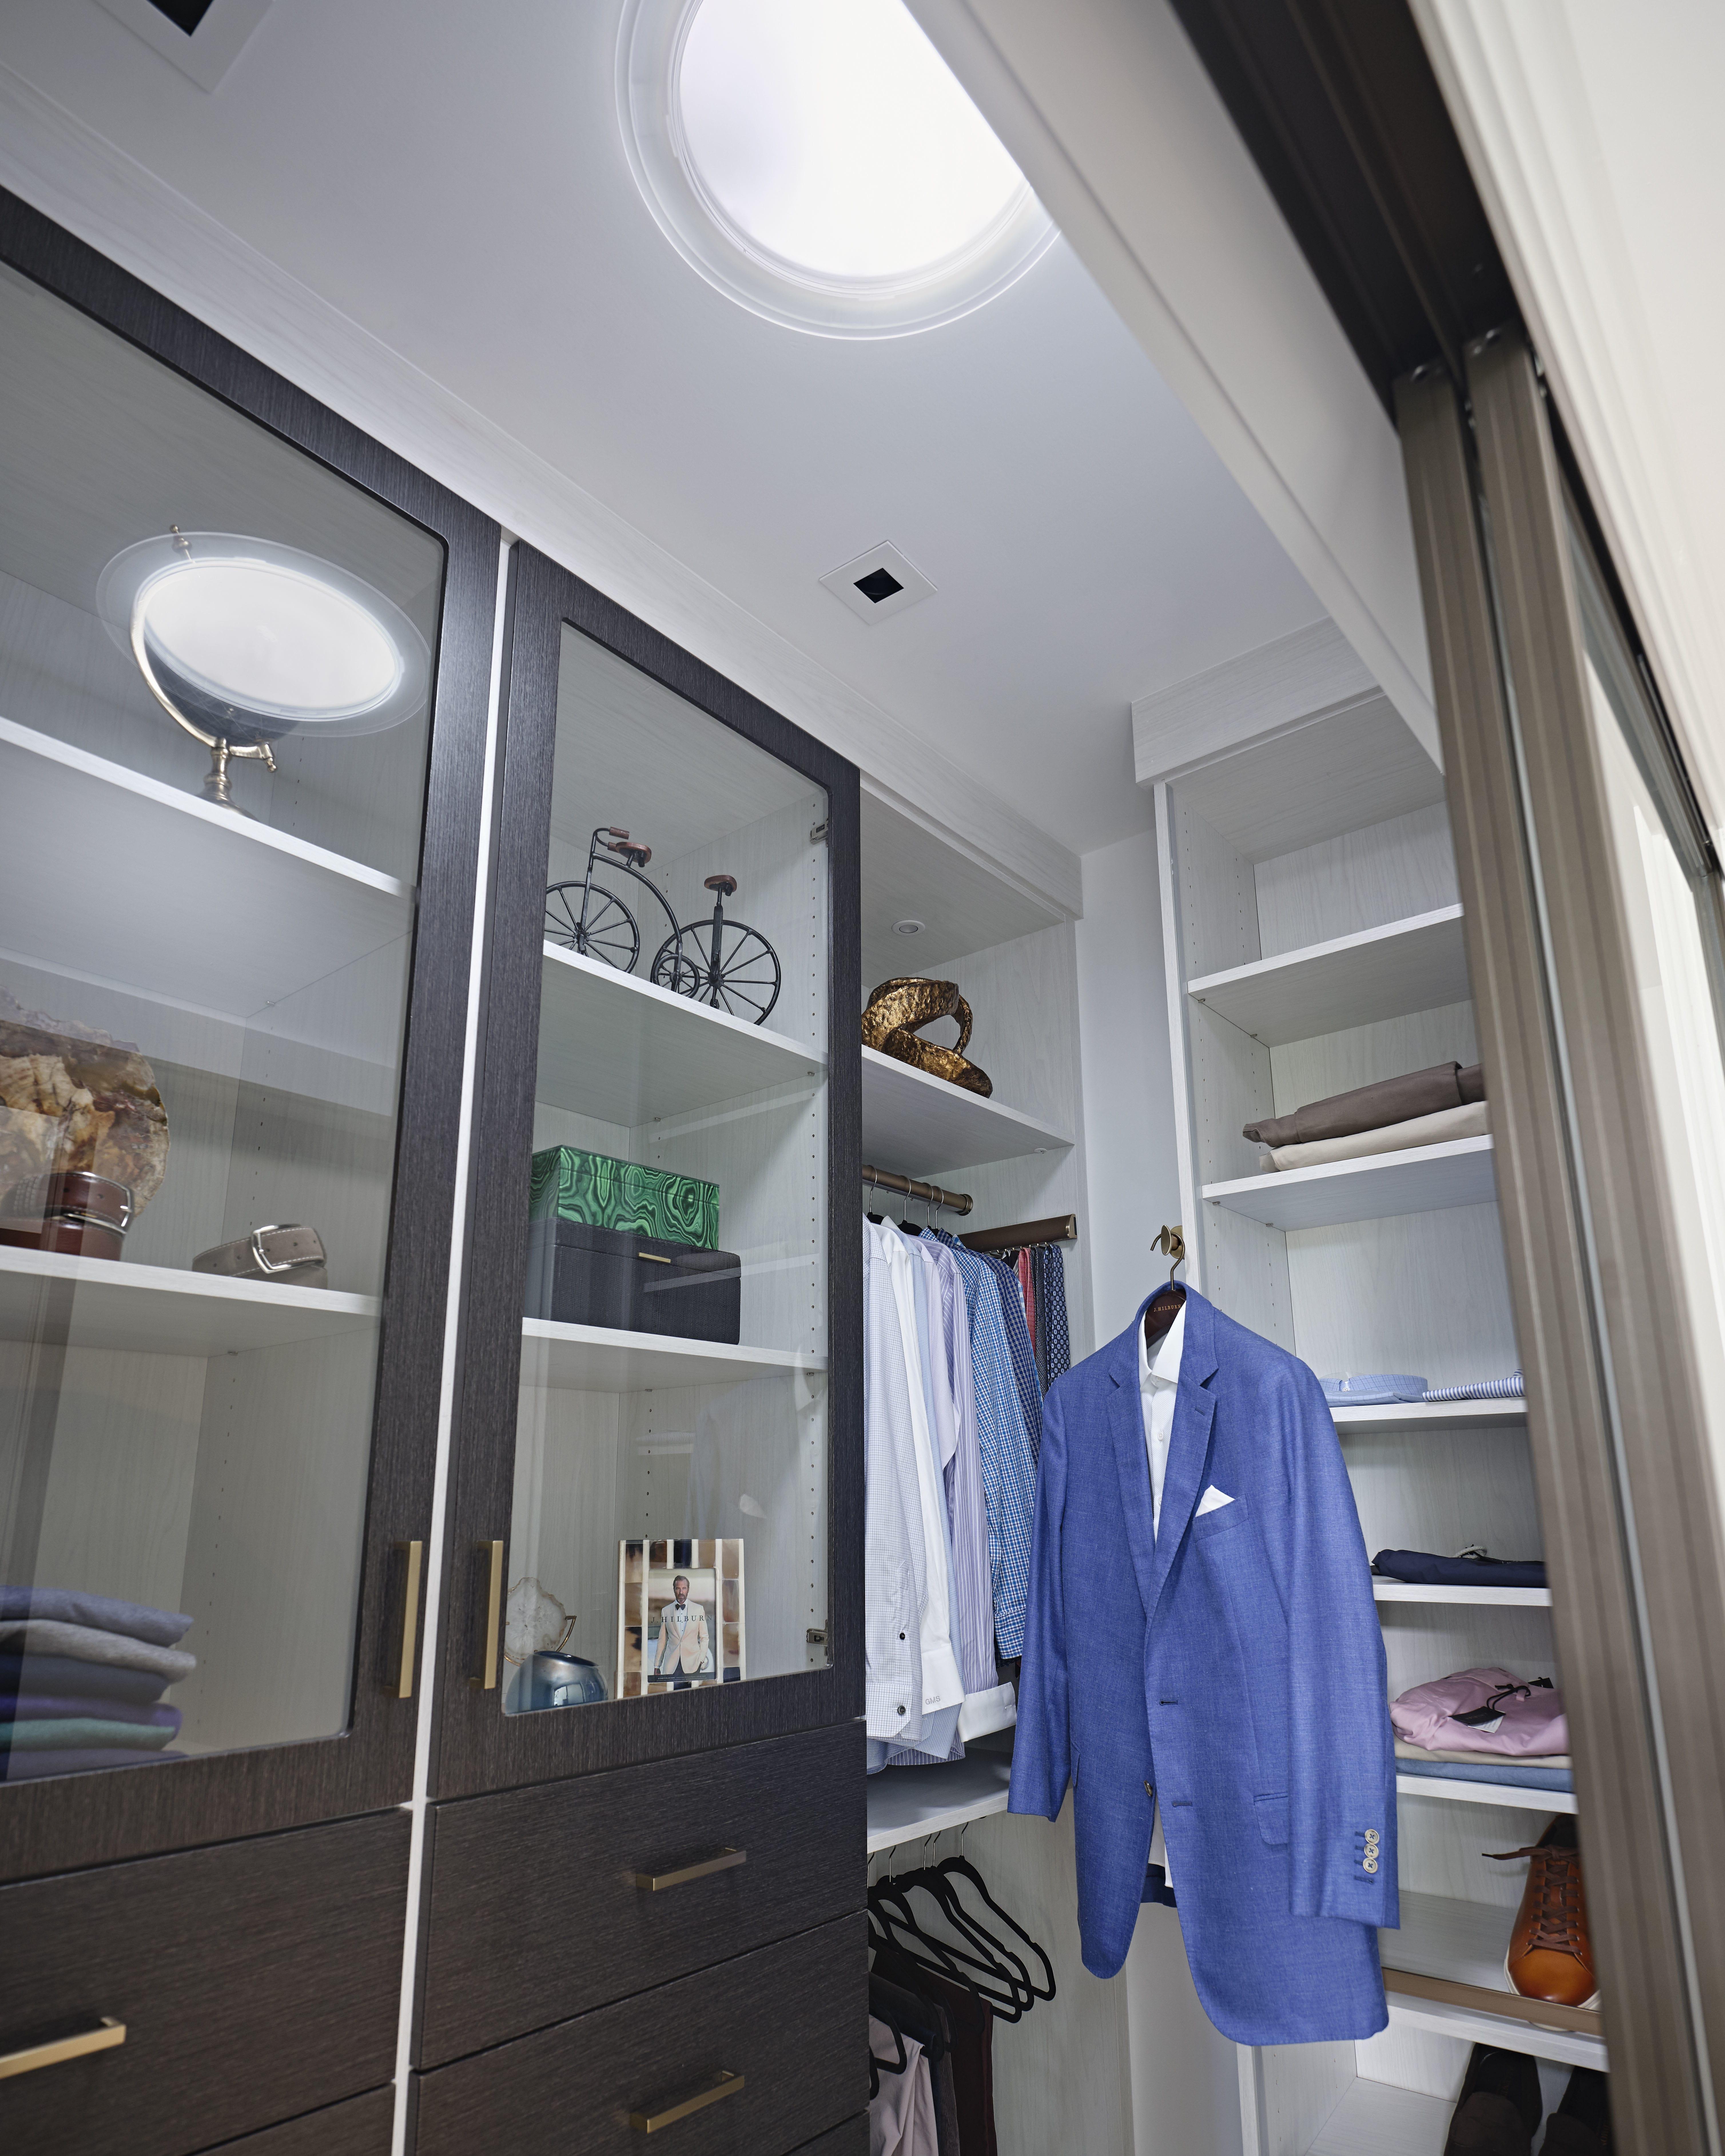 Closet-sun-tunnel-blue-blazer.jpg#asset:4428